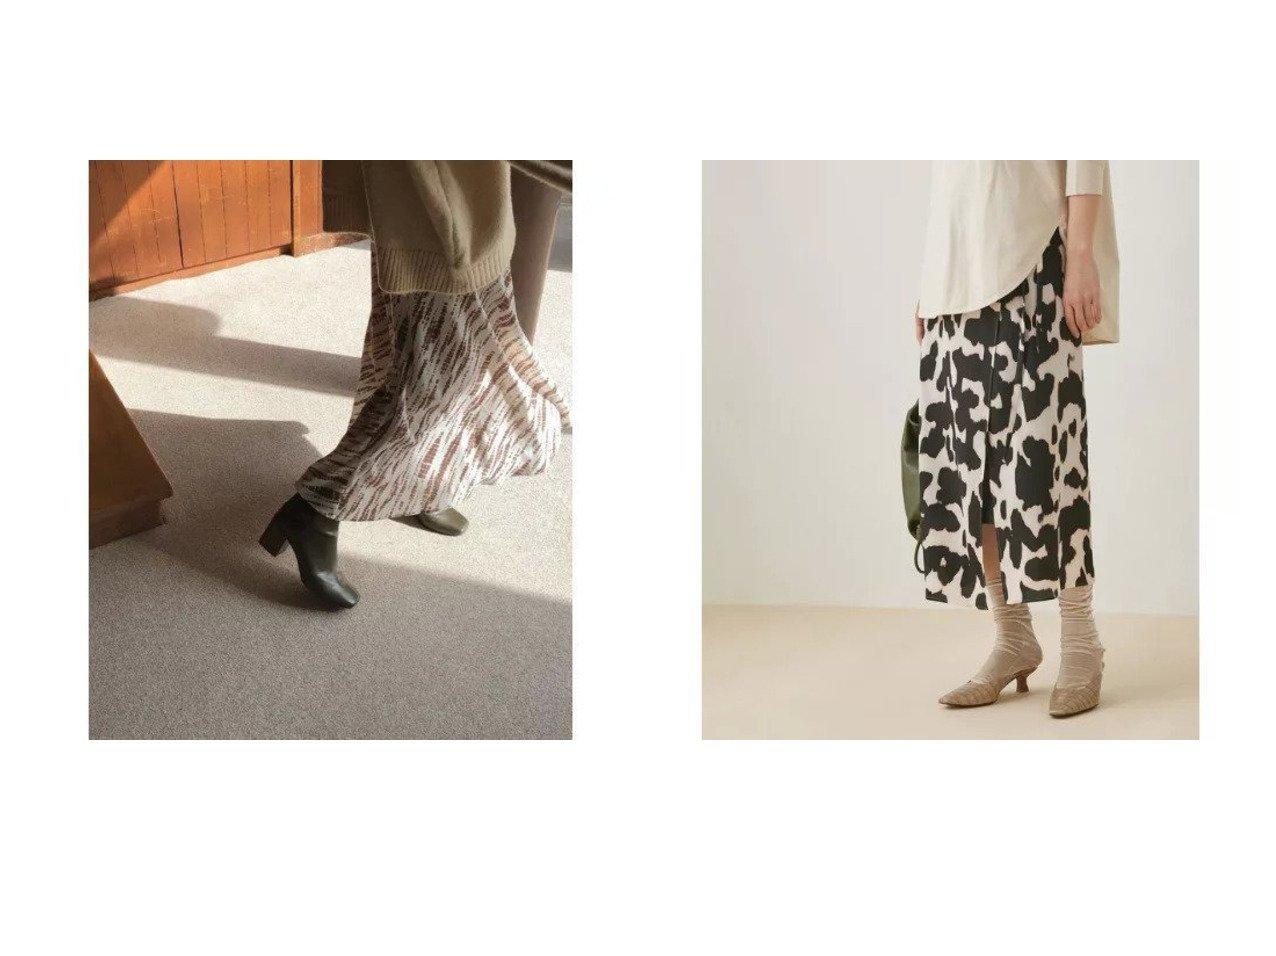 【Adam et Rope/アダム エ ロペ】のデシンプリントラップスカート&【marjour/マージュール】のLINEDOT SKIRT スカートのおすすめ!人気トレンド・レディースファッションの通販 おすすめで人気の流行・トレンド、ファッションの通販商品 メンズファッション・キッズファッション・インテリア・家具・レディースファッション・服の通販 founy(ファニー) https://founy.com/ ファッション Fashion レディースファッション WOMEN スカート Skirt 春 秋 今季 ジャケット スウェット タイツ ドット 長袖 フィット フレア マキシ マーメイド ロング 冬 Winter アニマル グラデーション シンプル デニム プリント ポケット モノトーン ラップ  ID:crp329100000008988